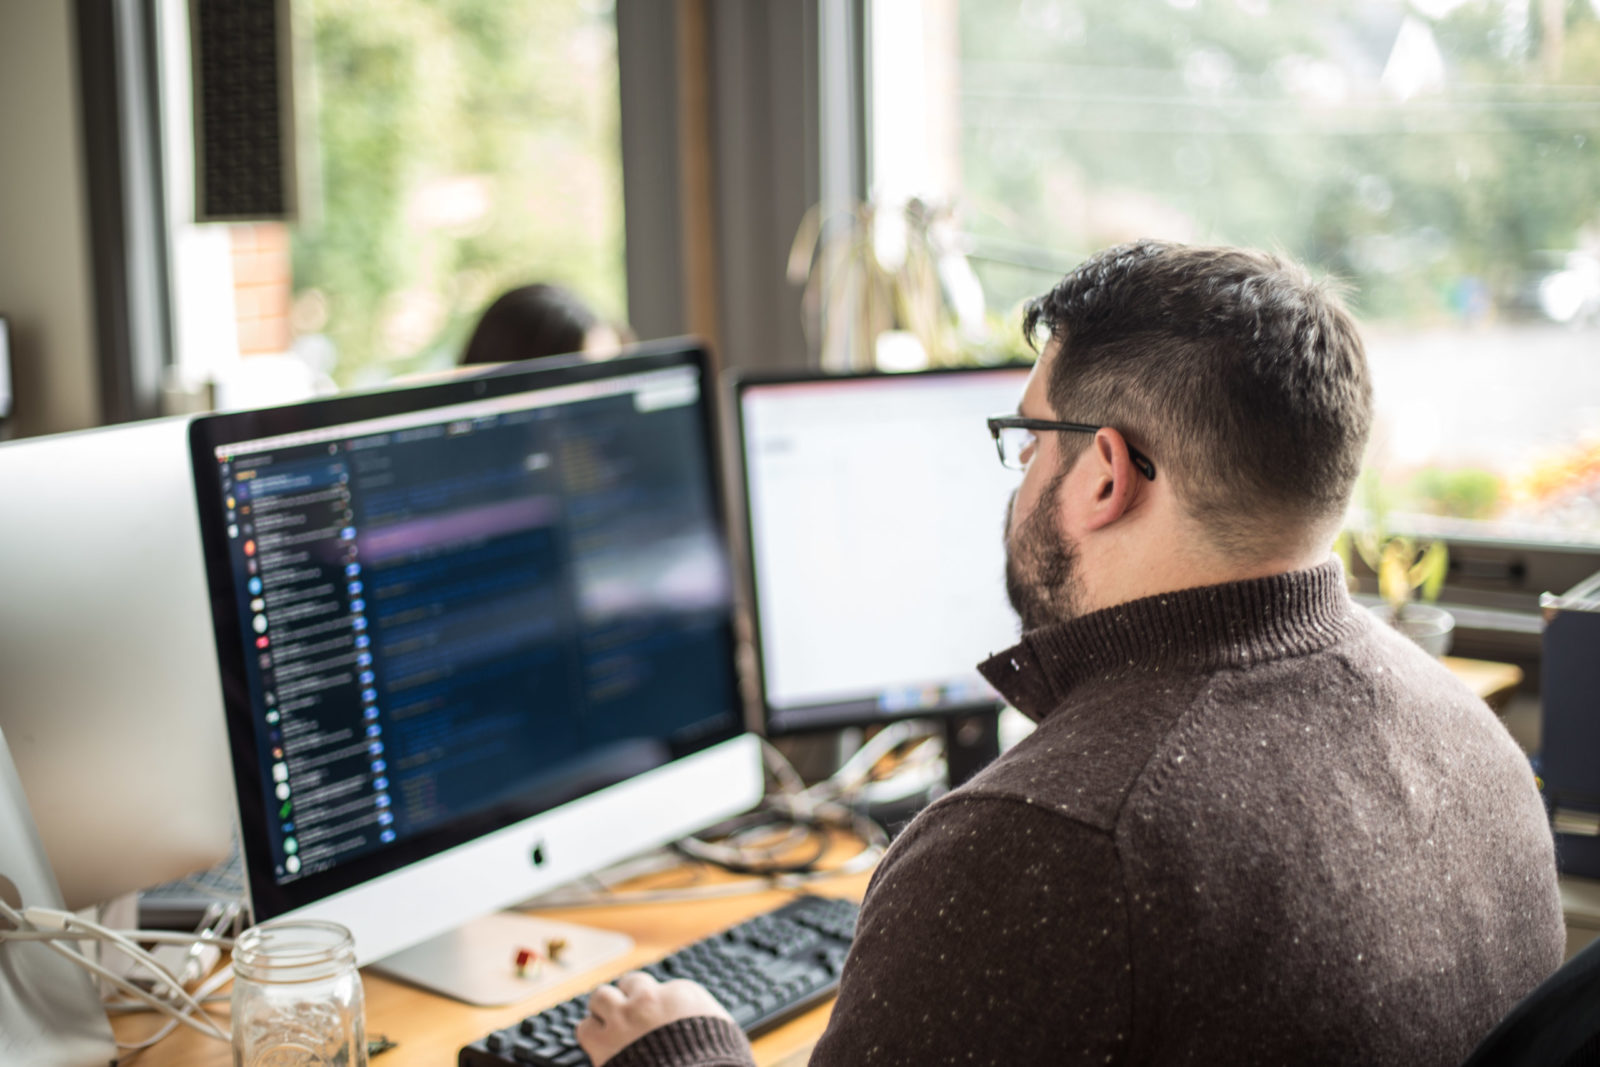 Ben staring at computer